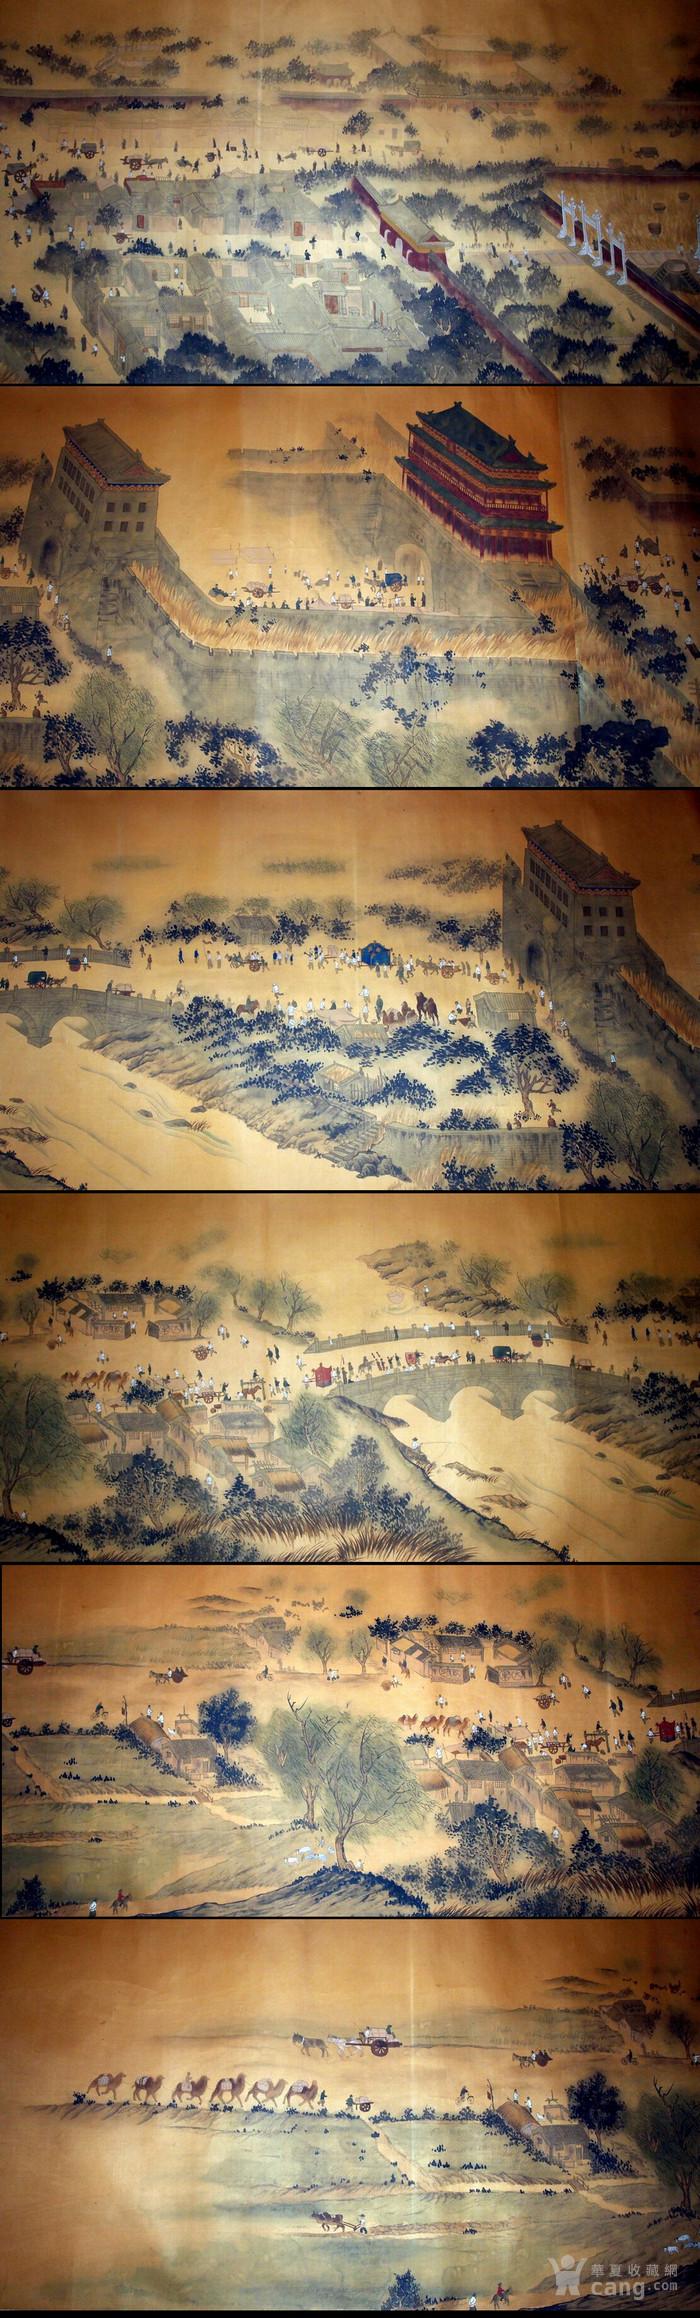 超巨幅长卷 《北平全景图》堂皇巨制!图12